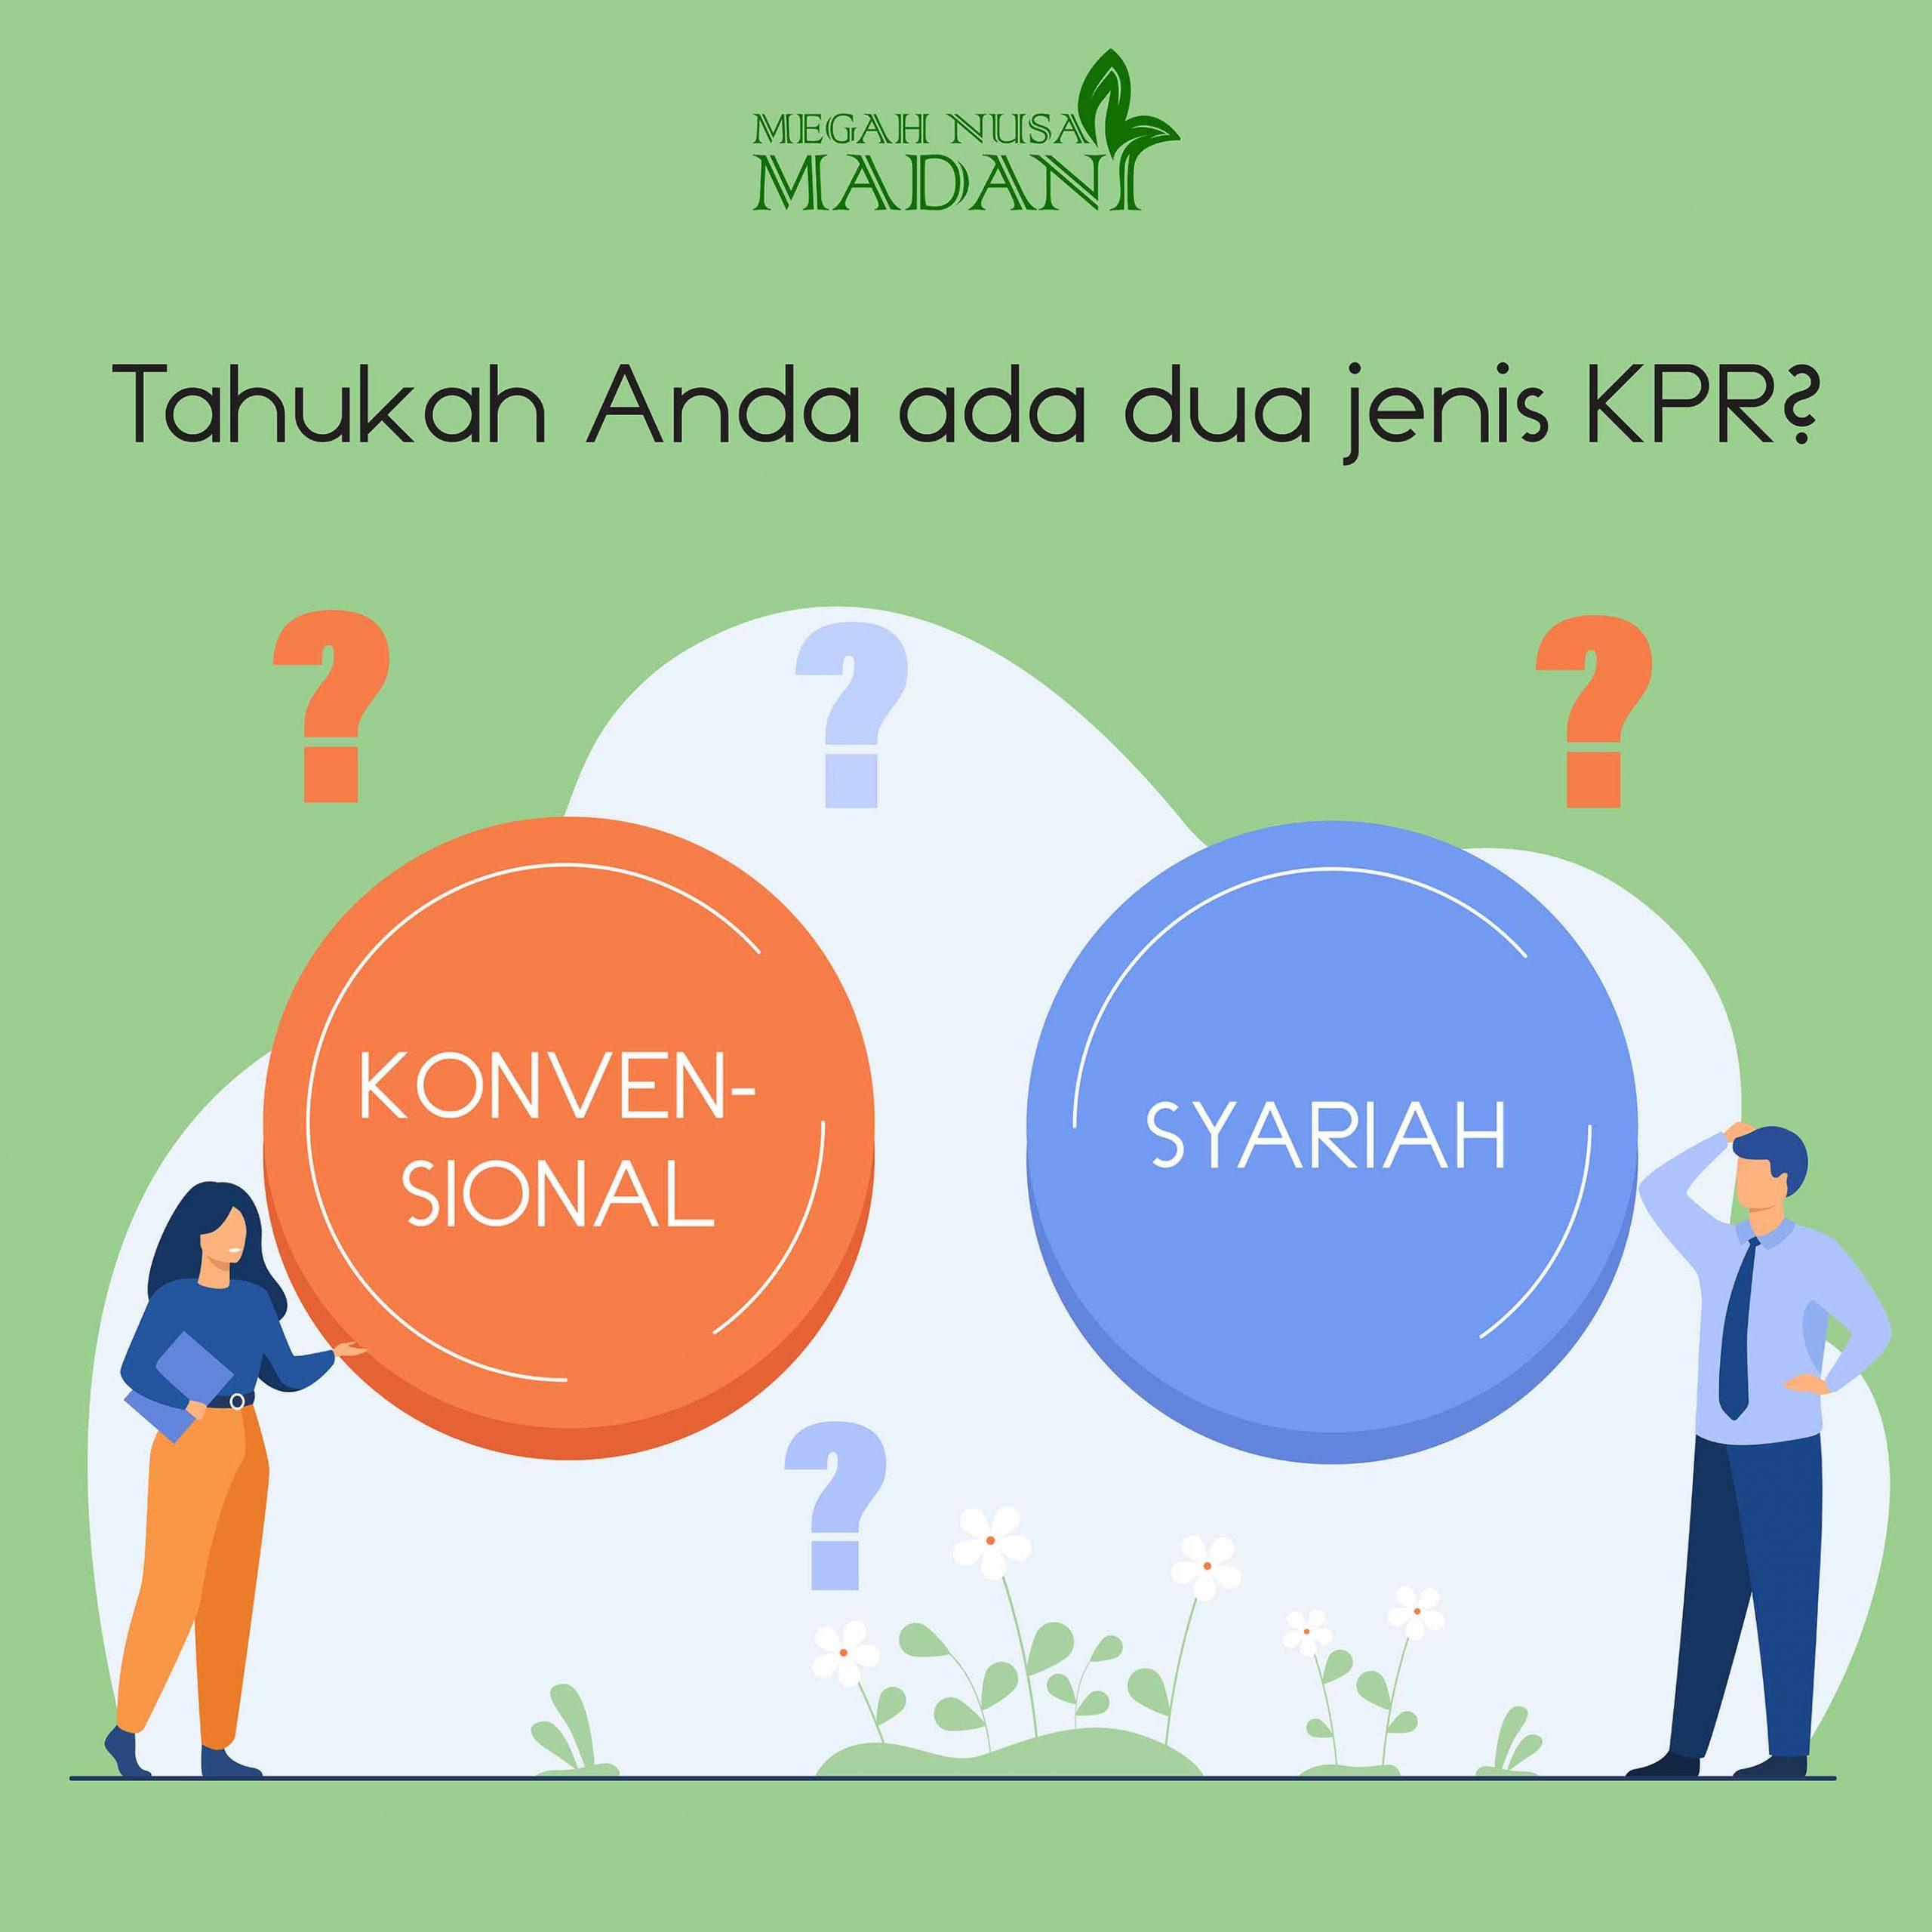 KPR Konvensional atau Syariah? Apa Sih Perbedaannya?